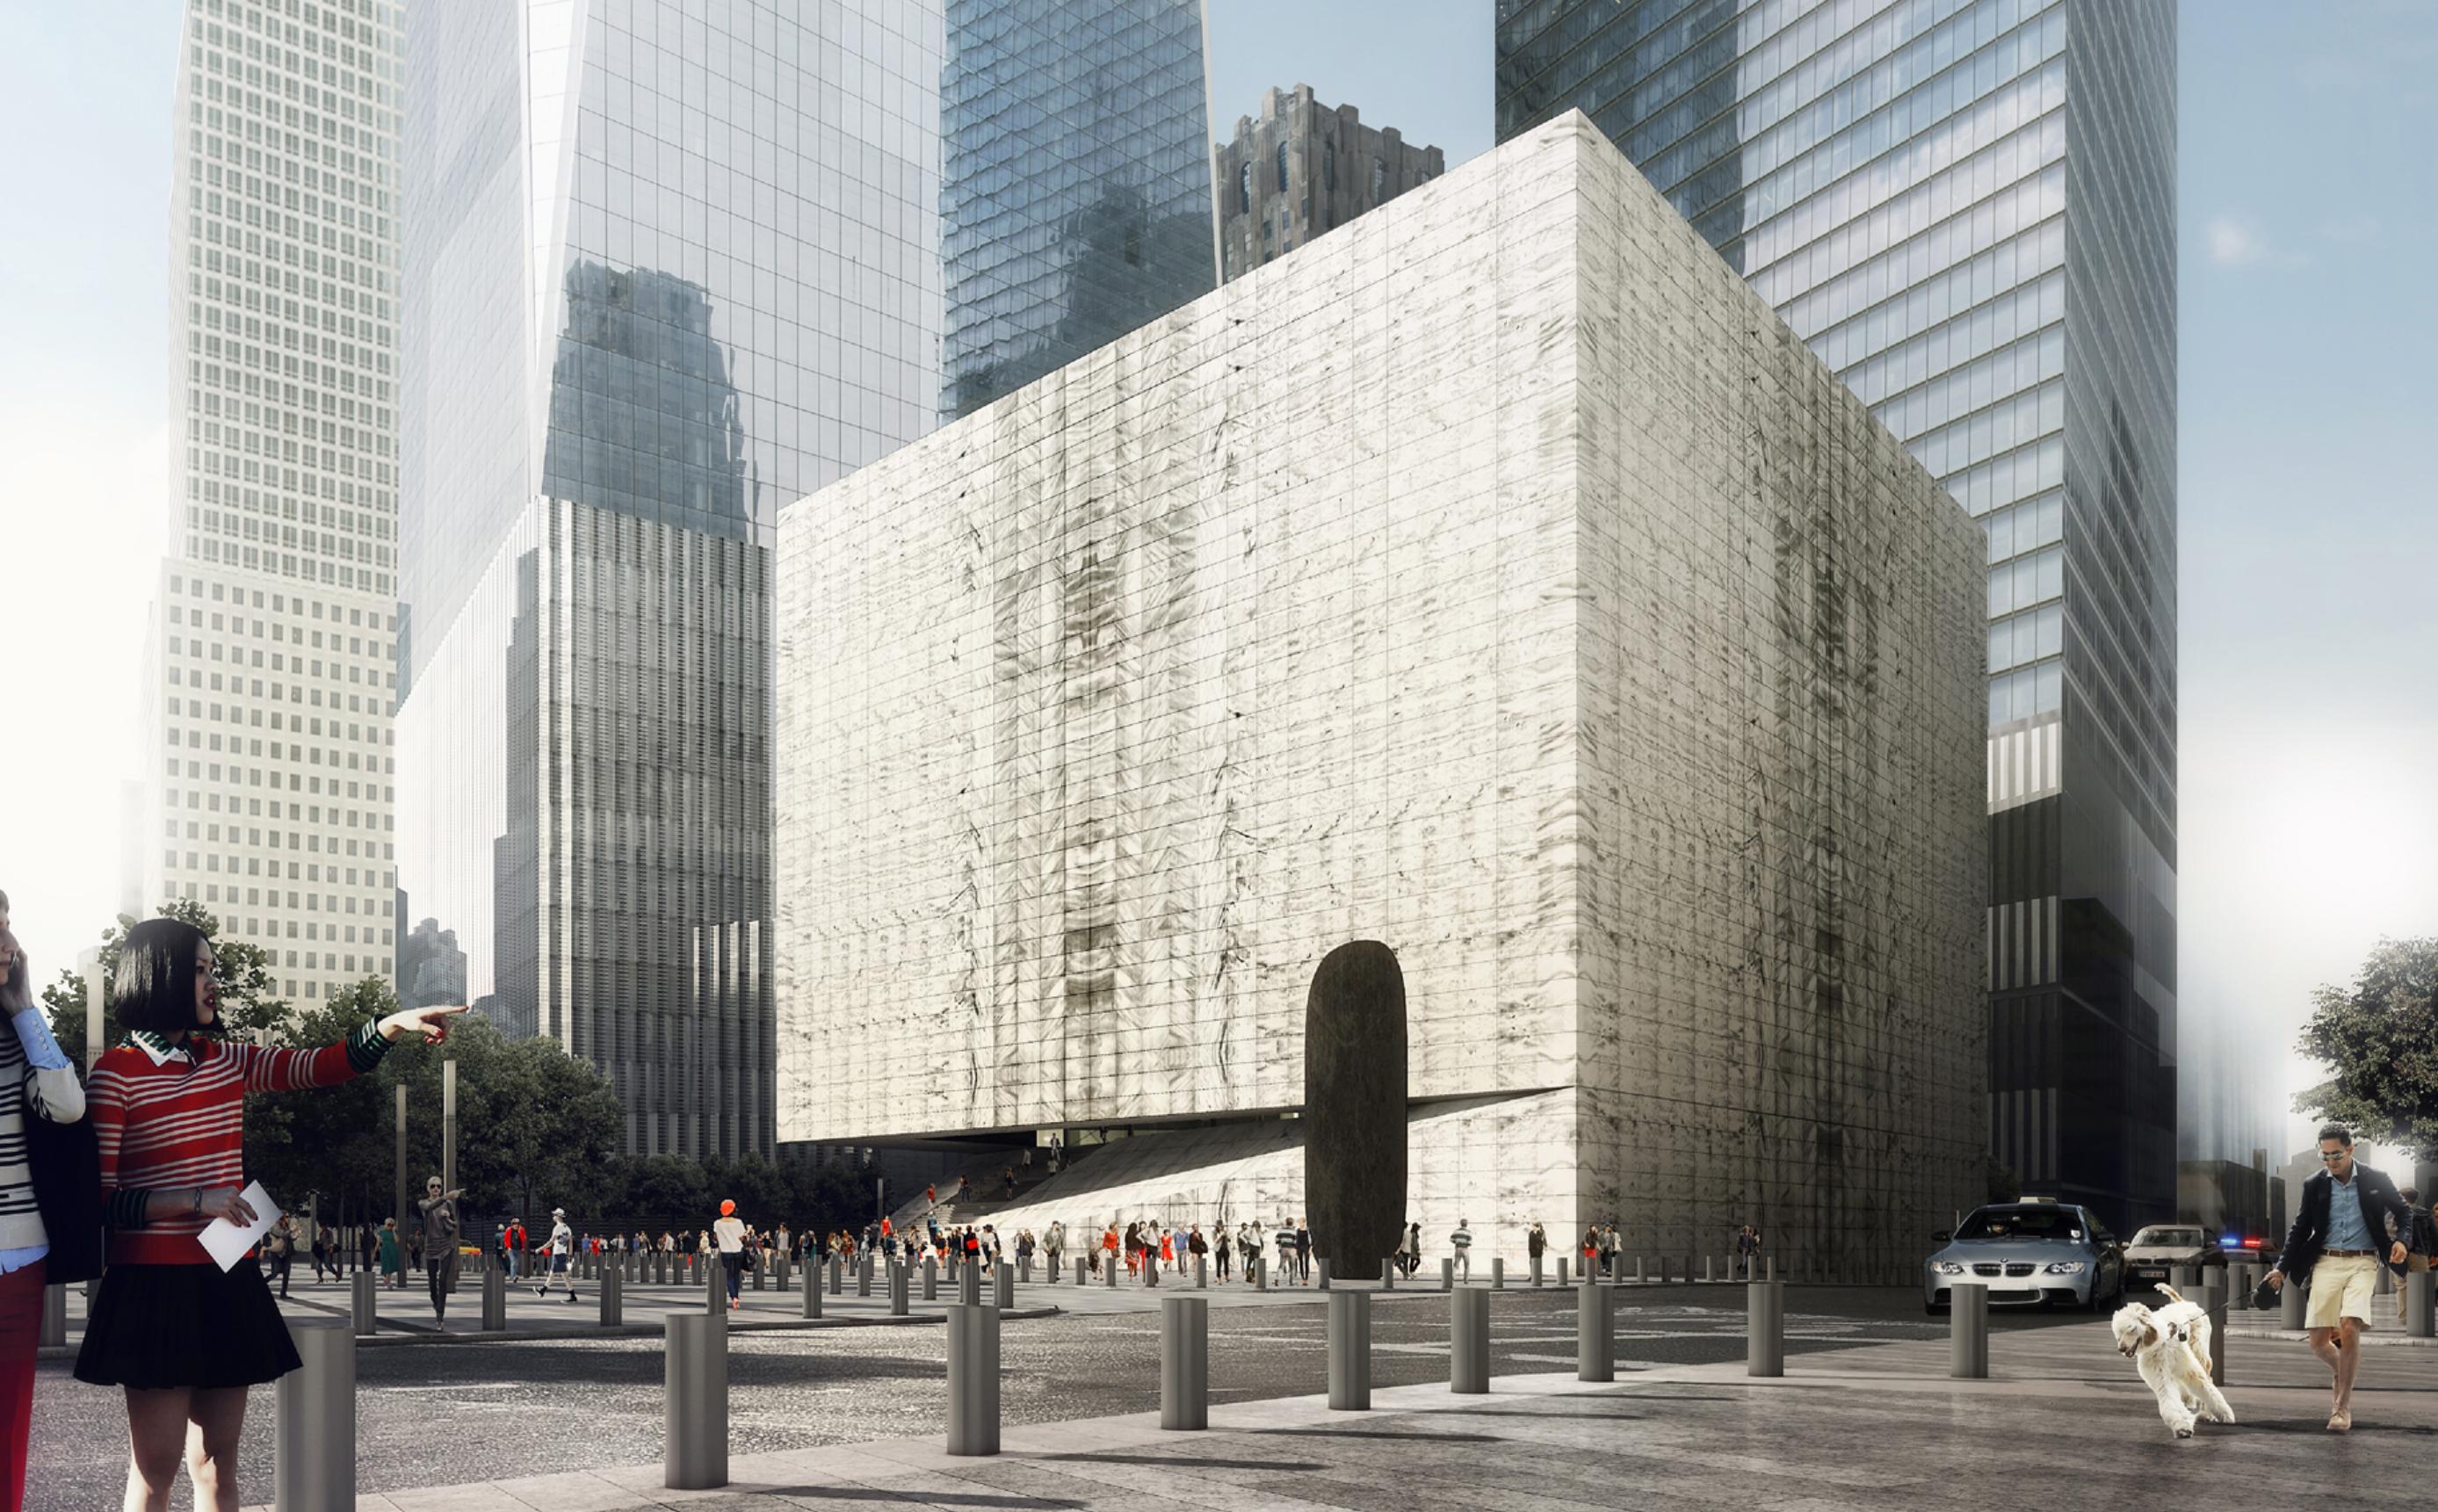 WTC performing arts center 2